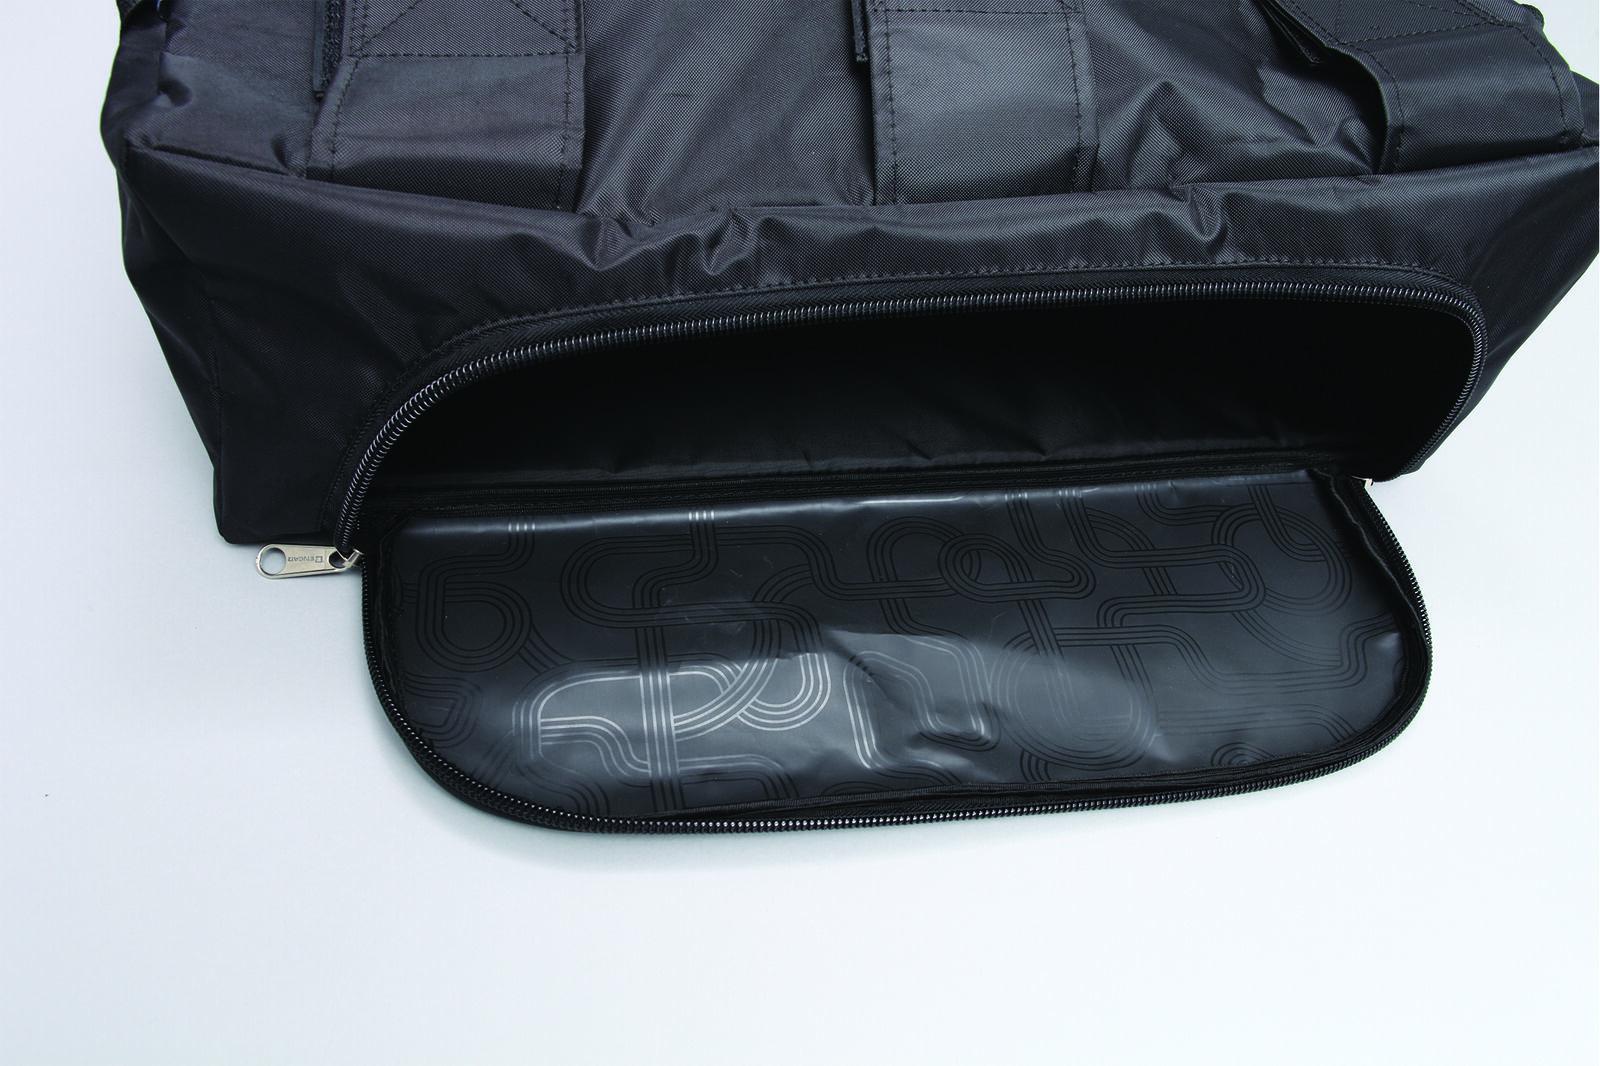 Stauraumtasche Stauraumtasche Stauraumtasche Untersitz M für SchlauchStiefele (63cm) Sitze Sitzbank 33.14 8f5f27